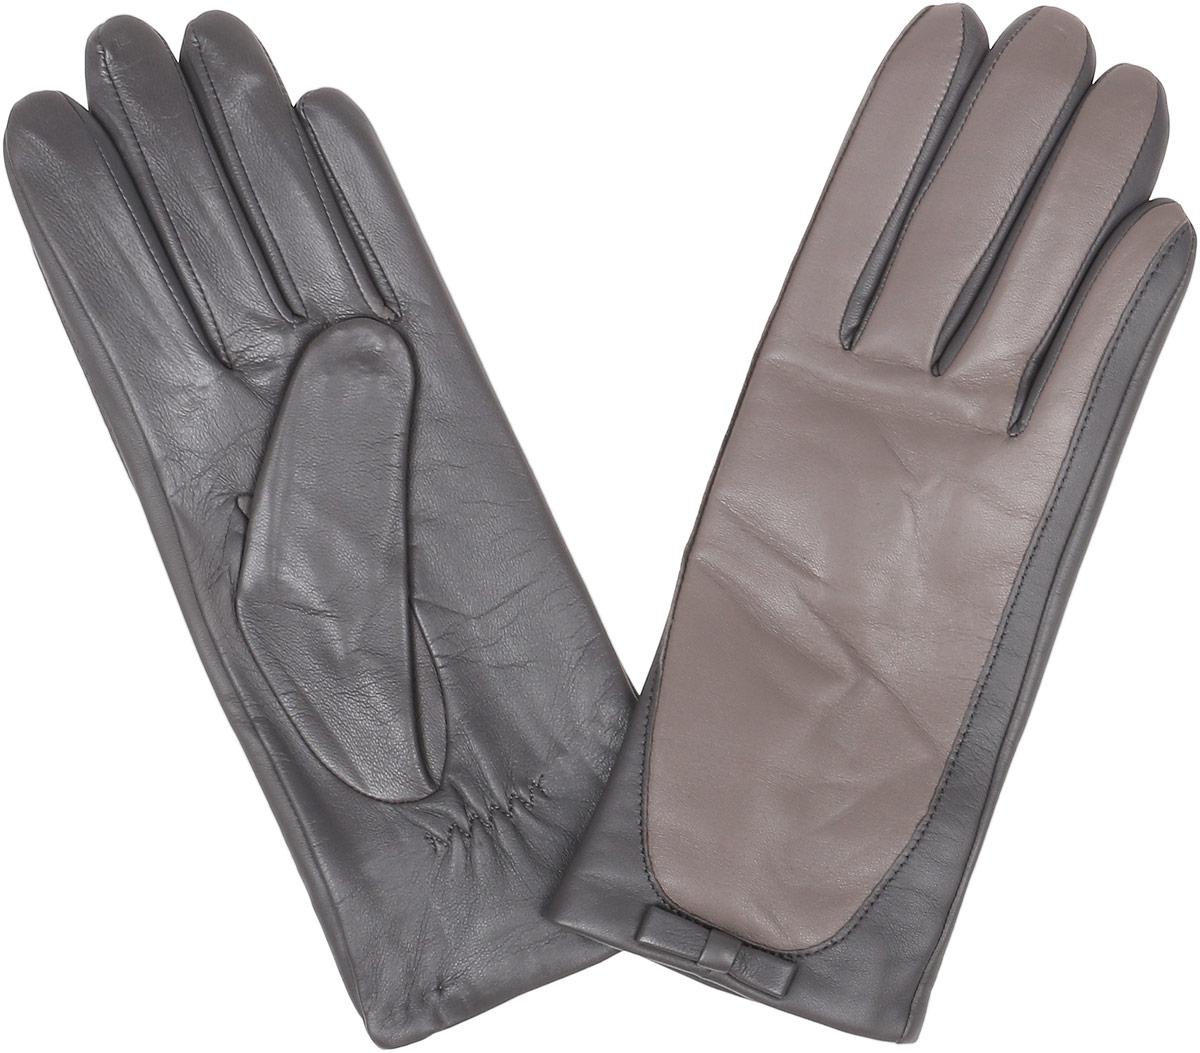 Перчатки12.28-9 greyСтильные женские перчатки Fabretti не только защитят ваши руки, но и станут великолепным украшением. Перчатки выполнены из натуральной кожи ягненка, а их подкладка - из высококачественной шерсти с добавлением кашемира. Модель оформлена оригинальными строчками-стежками и дополнена небольшим бантиком. Стильный аксессуар для повседневного образа.